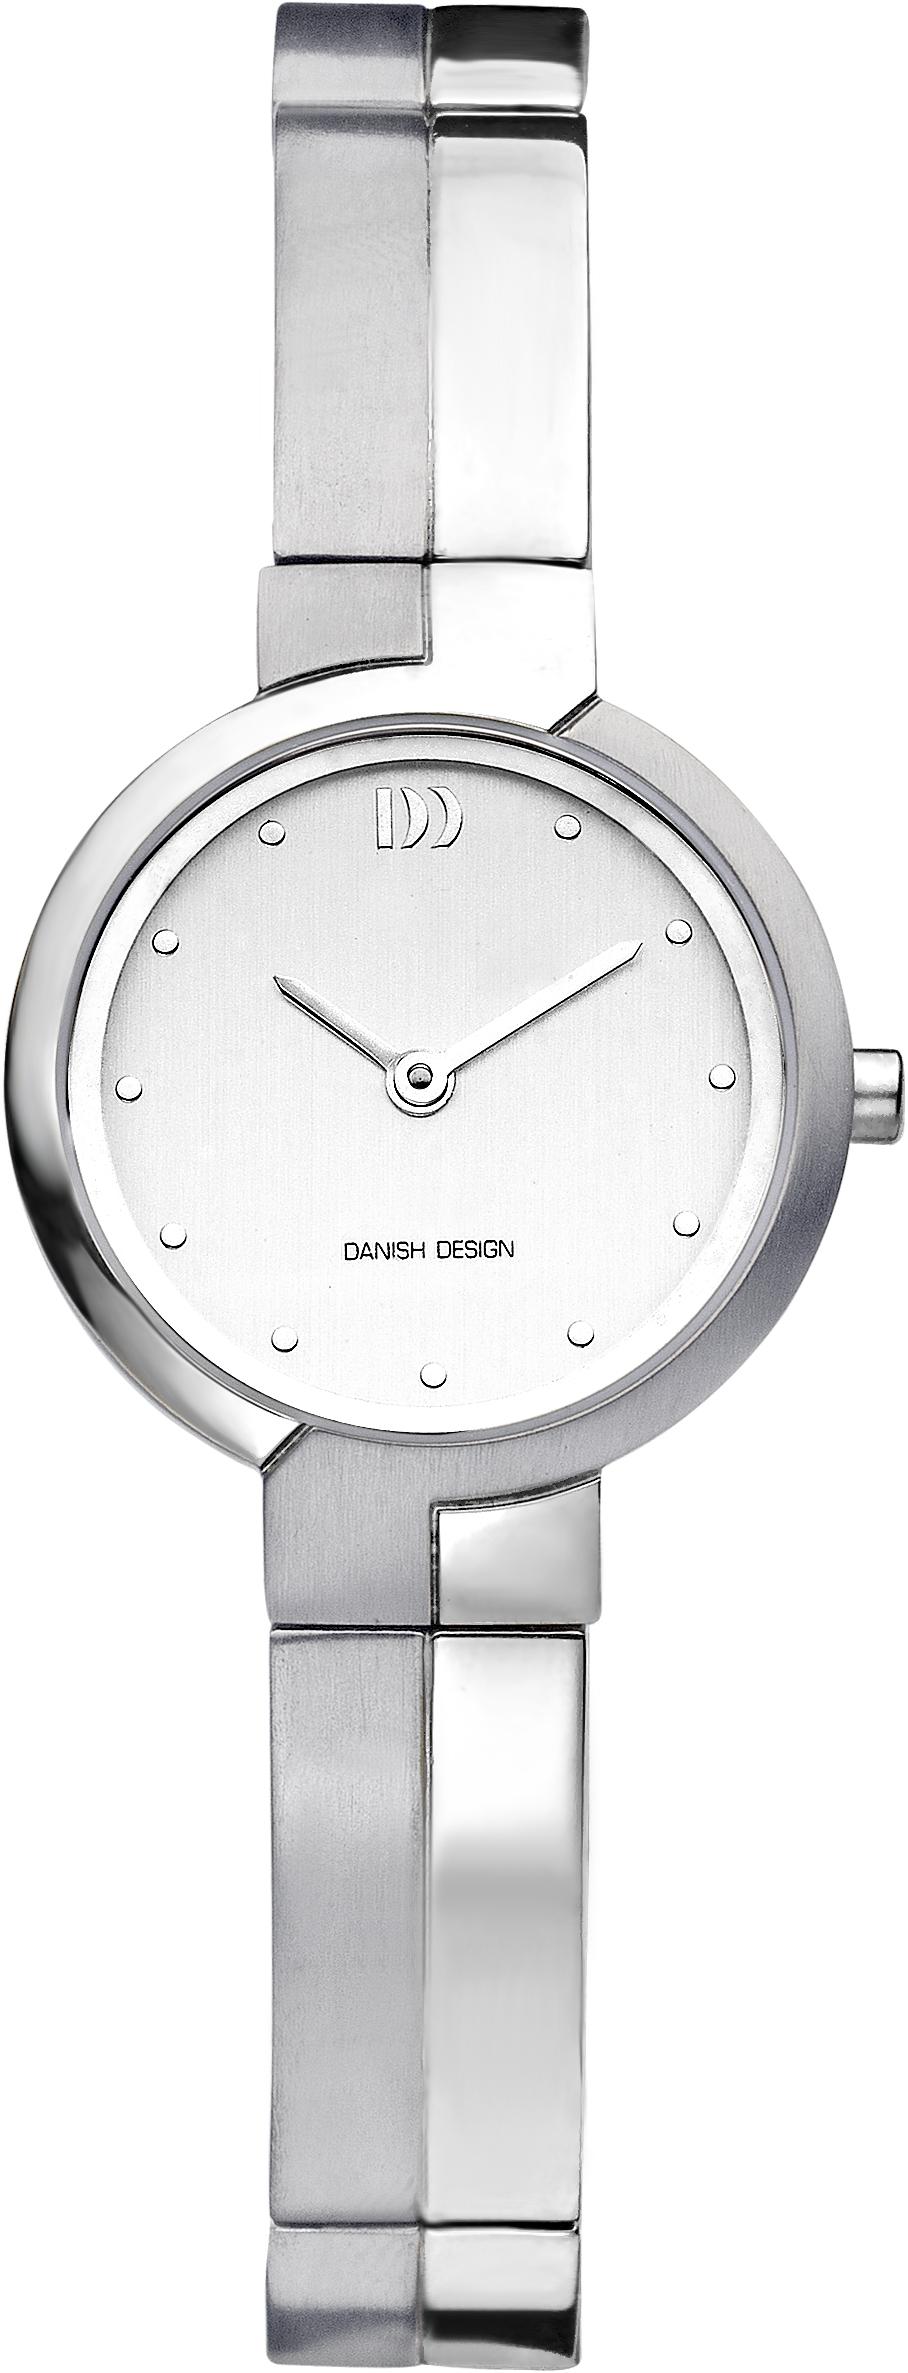 Danish Design Horloge 26 mm Titanium IV62Q939